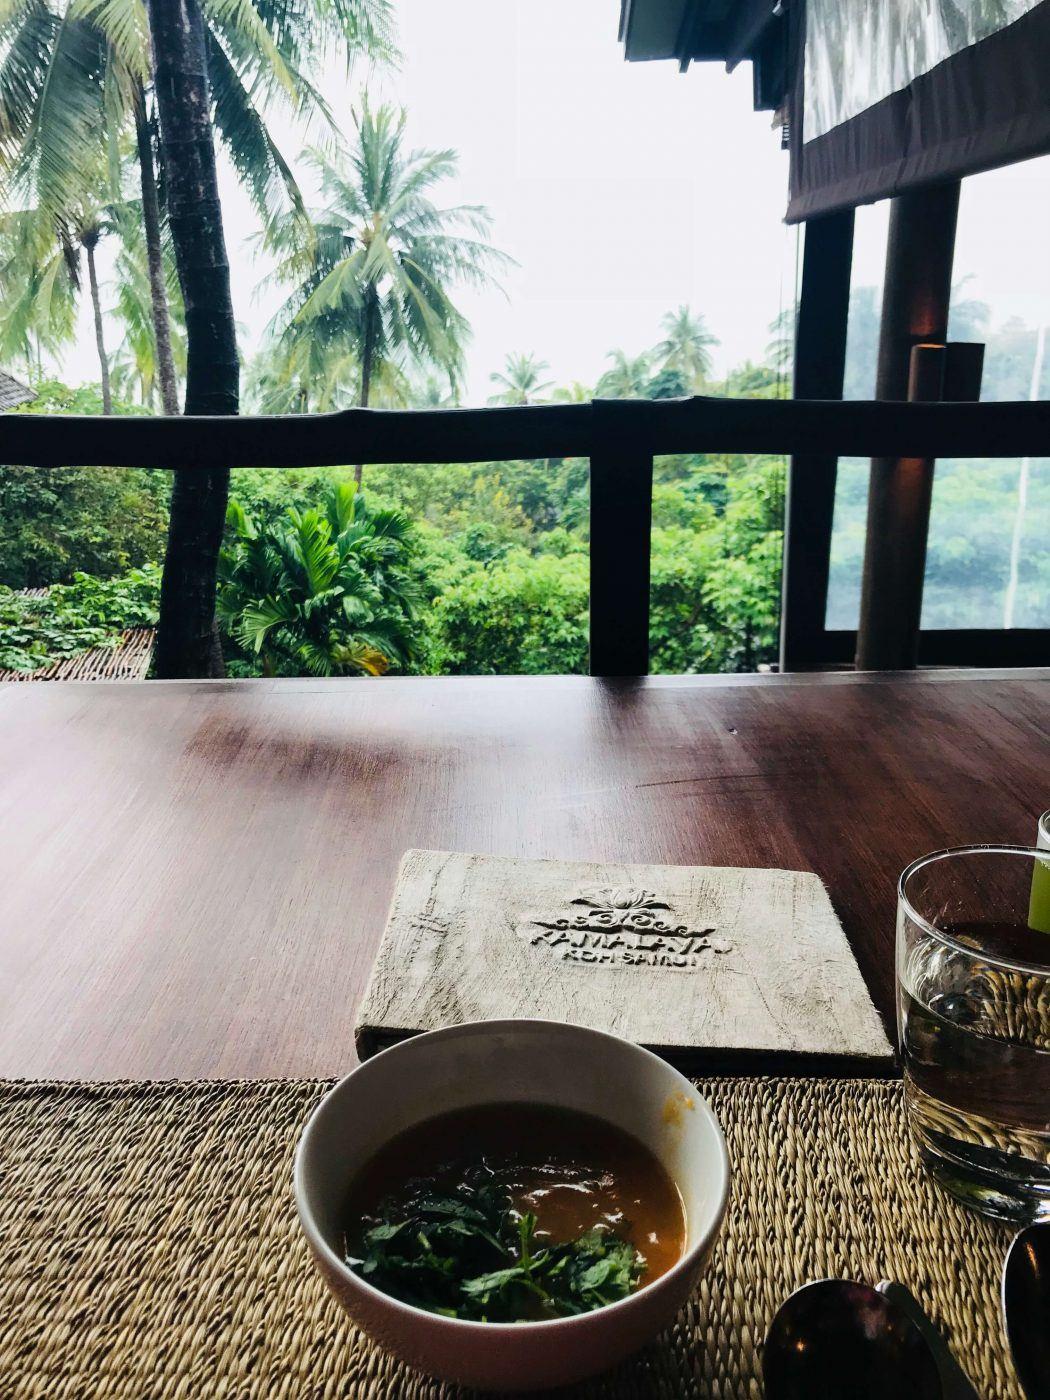 kamalaya soup with view onto the sea